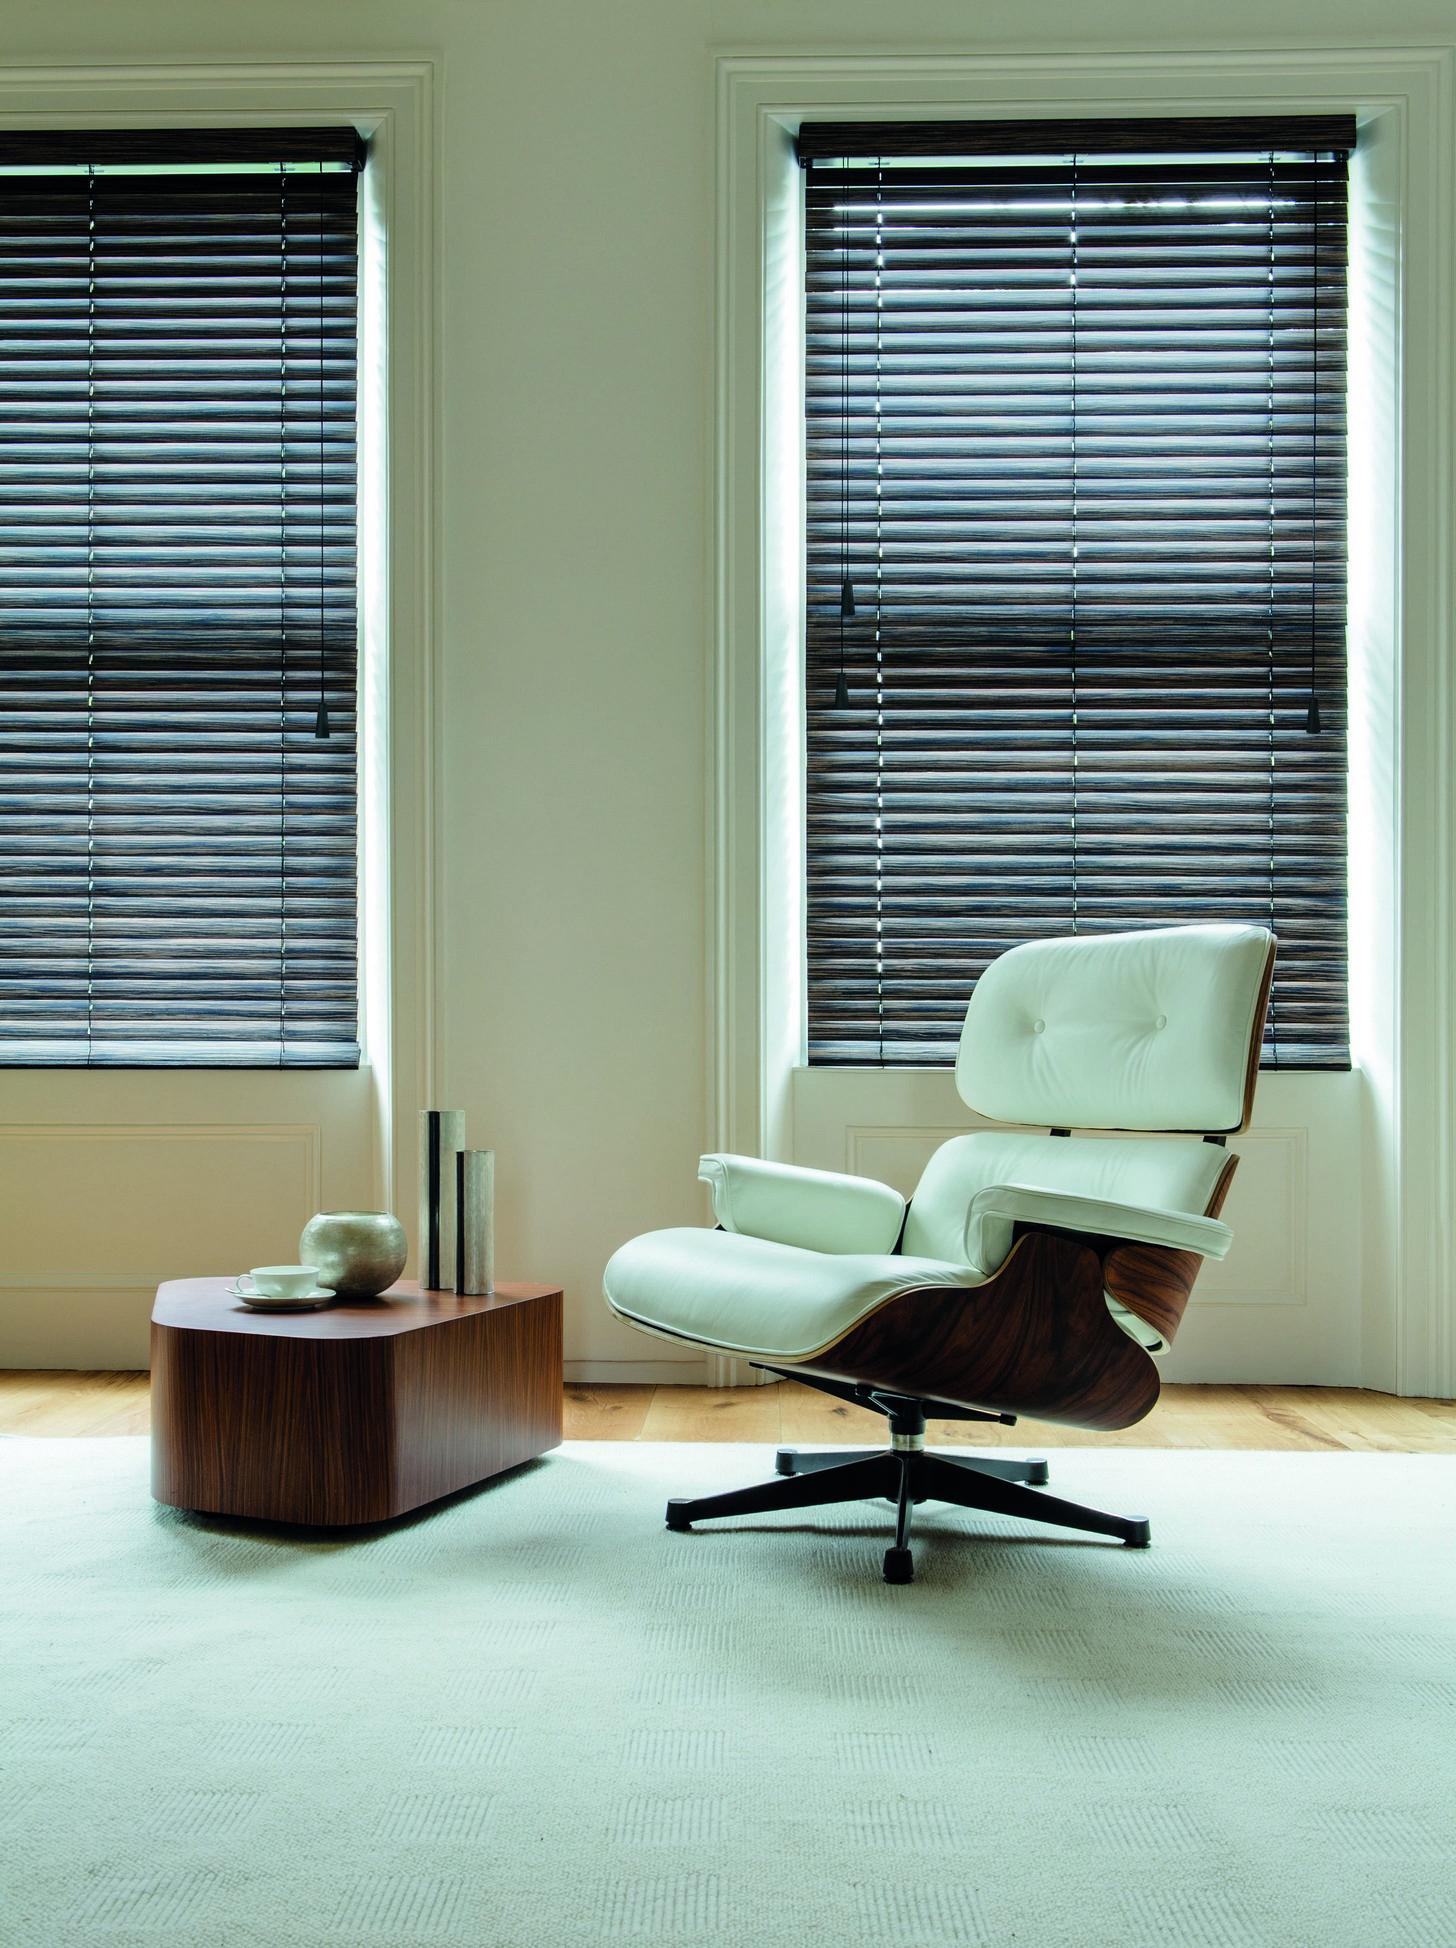 Wooden blinds.jpg